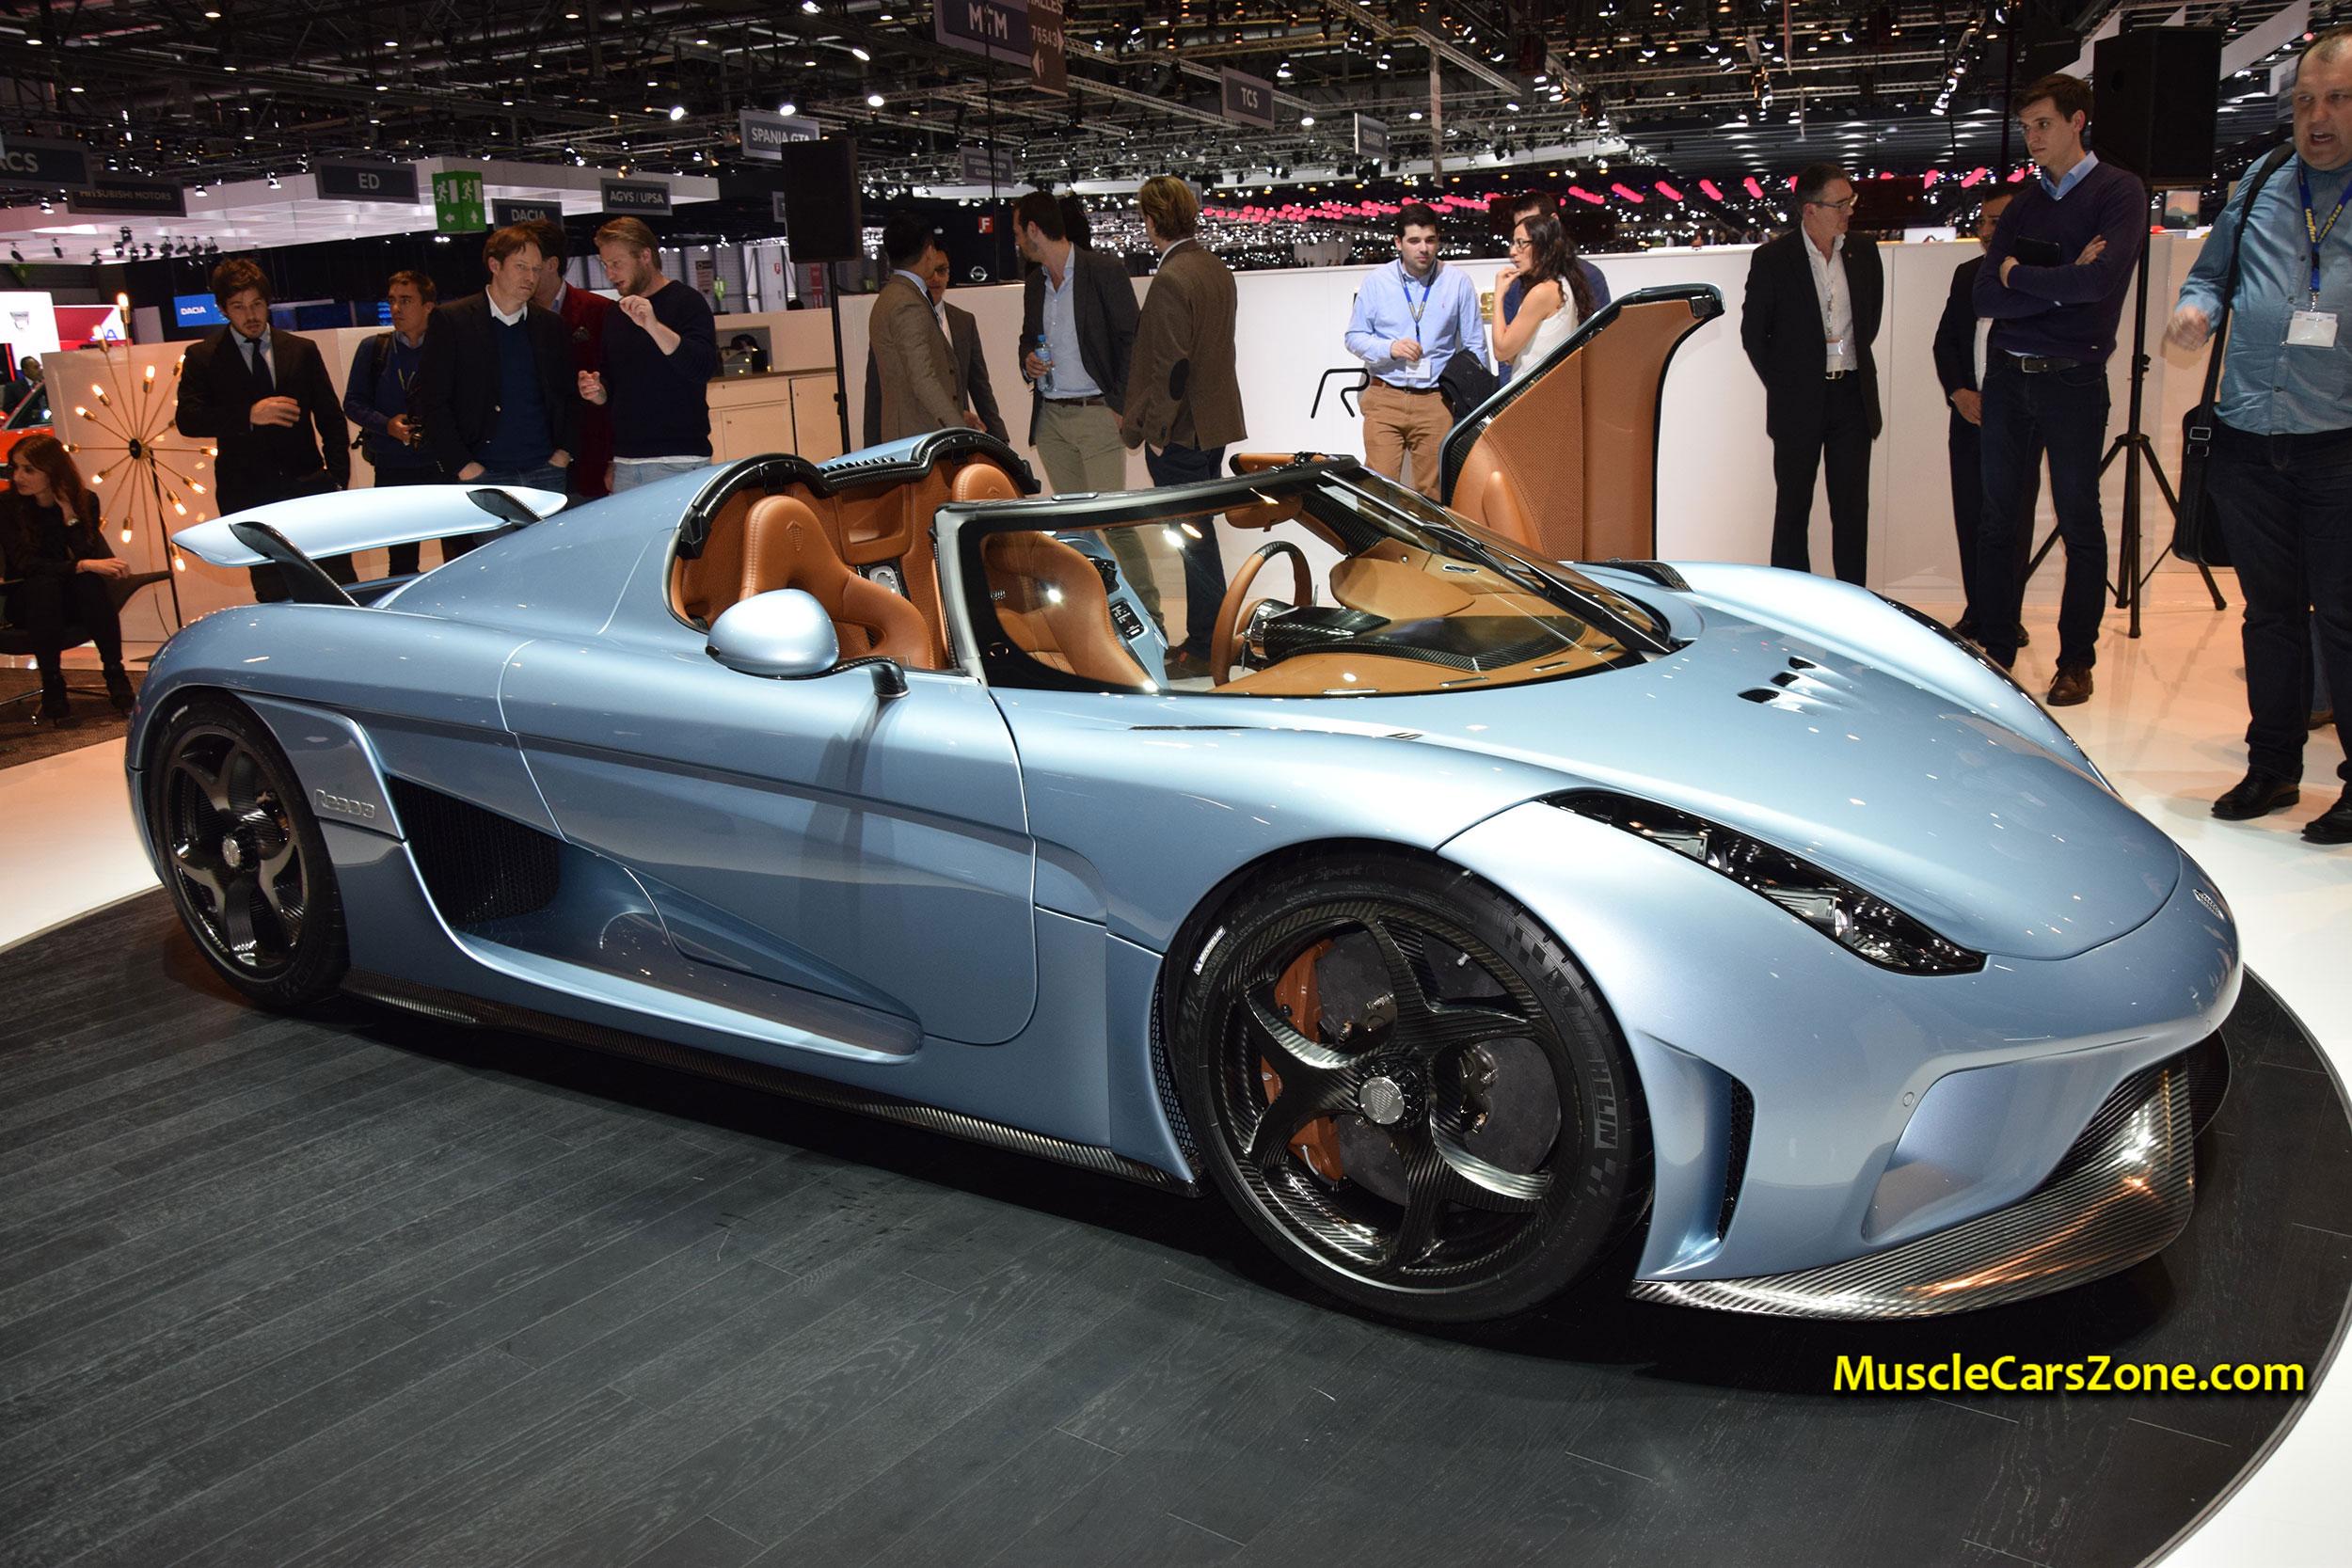 2015-Koenigsegg-Regera-Hyper-Car-01----2015-Geneva-Motor-Show.JPG